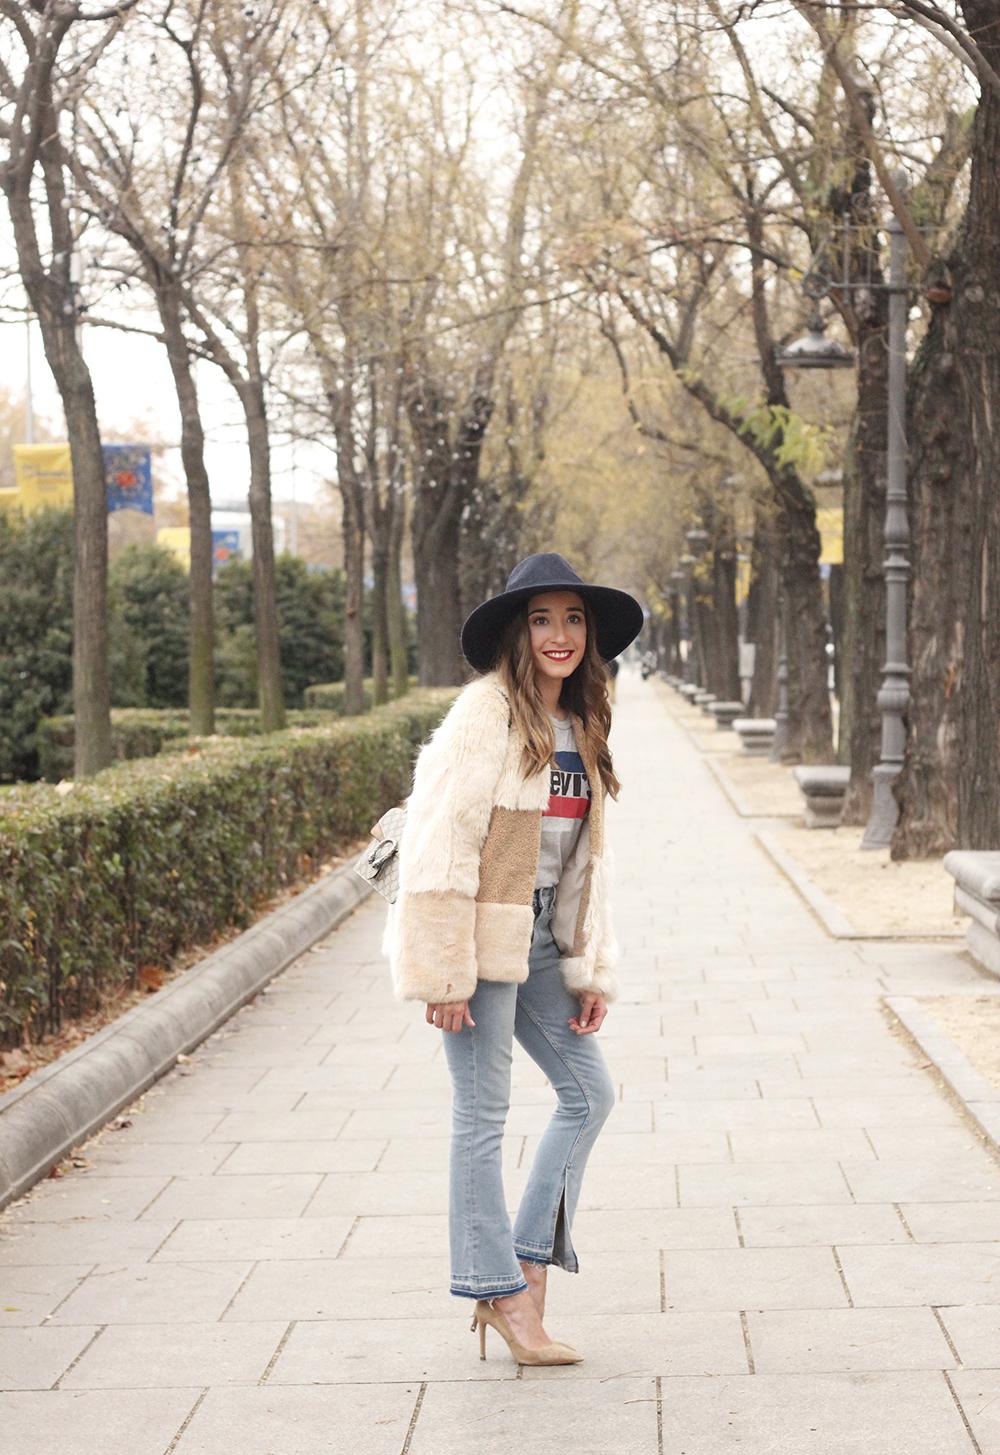 Beige faux fur coat zara blue hat nude heels jeans style fashion outfit winter 07